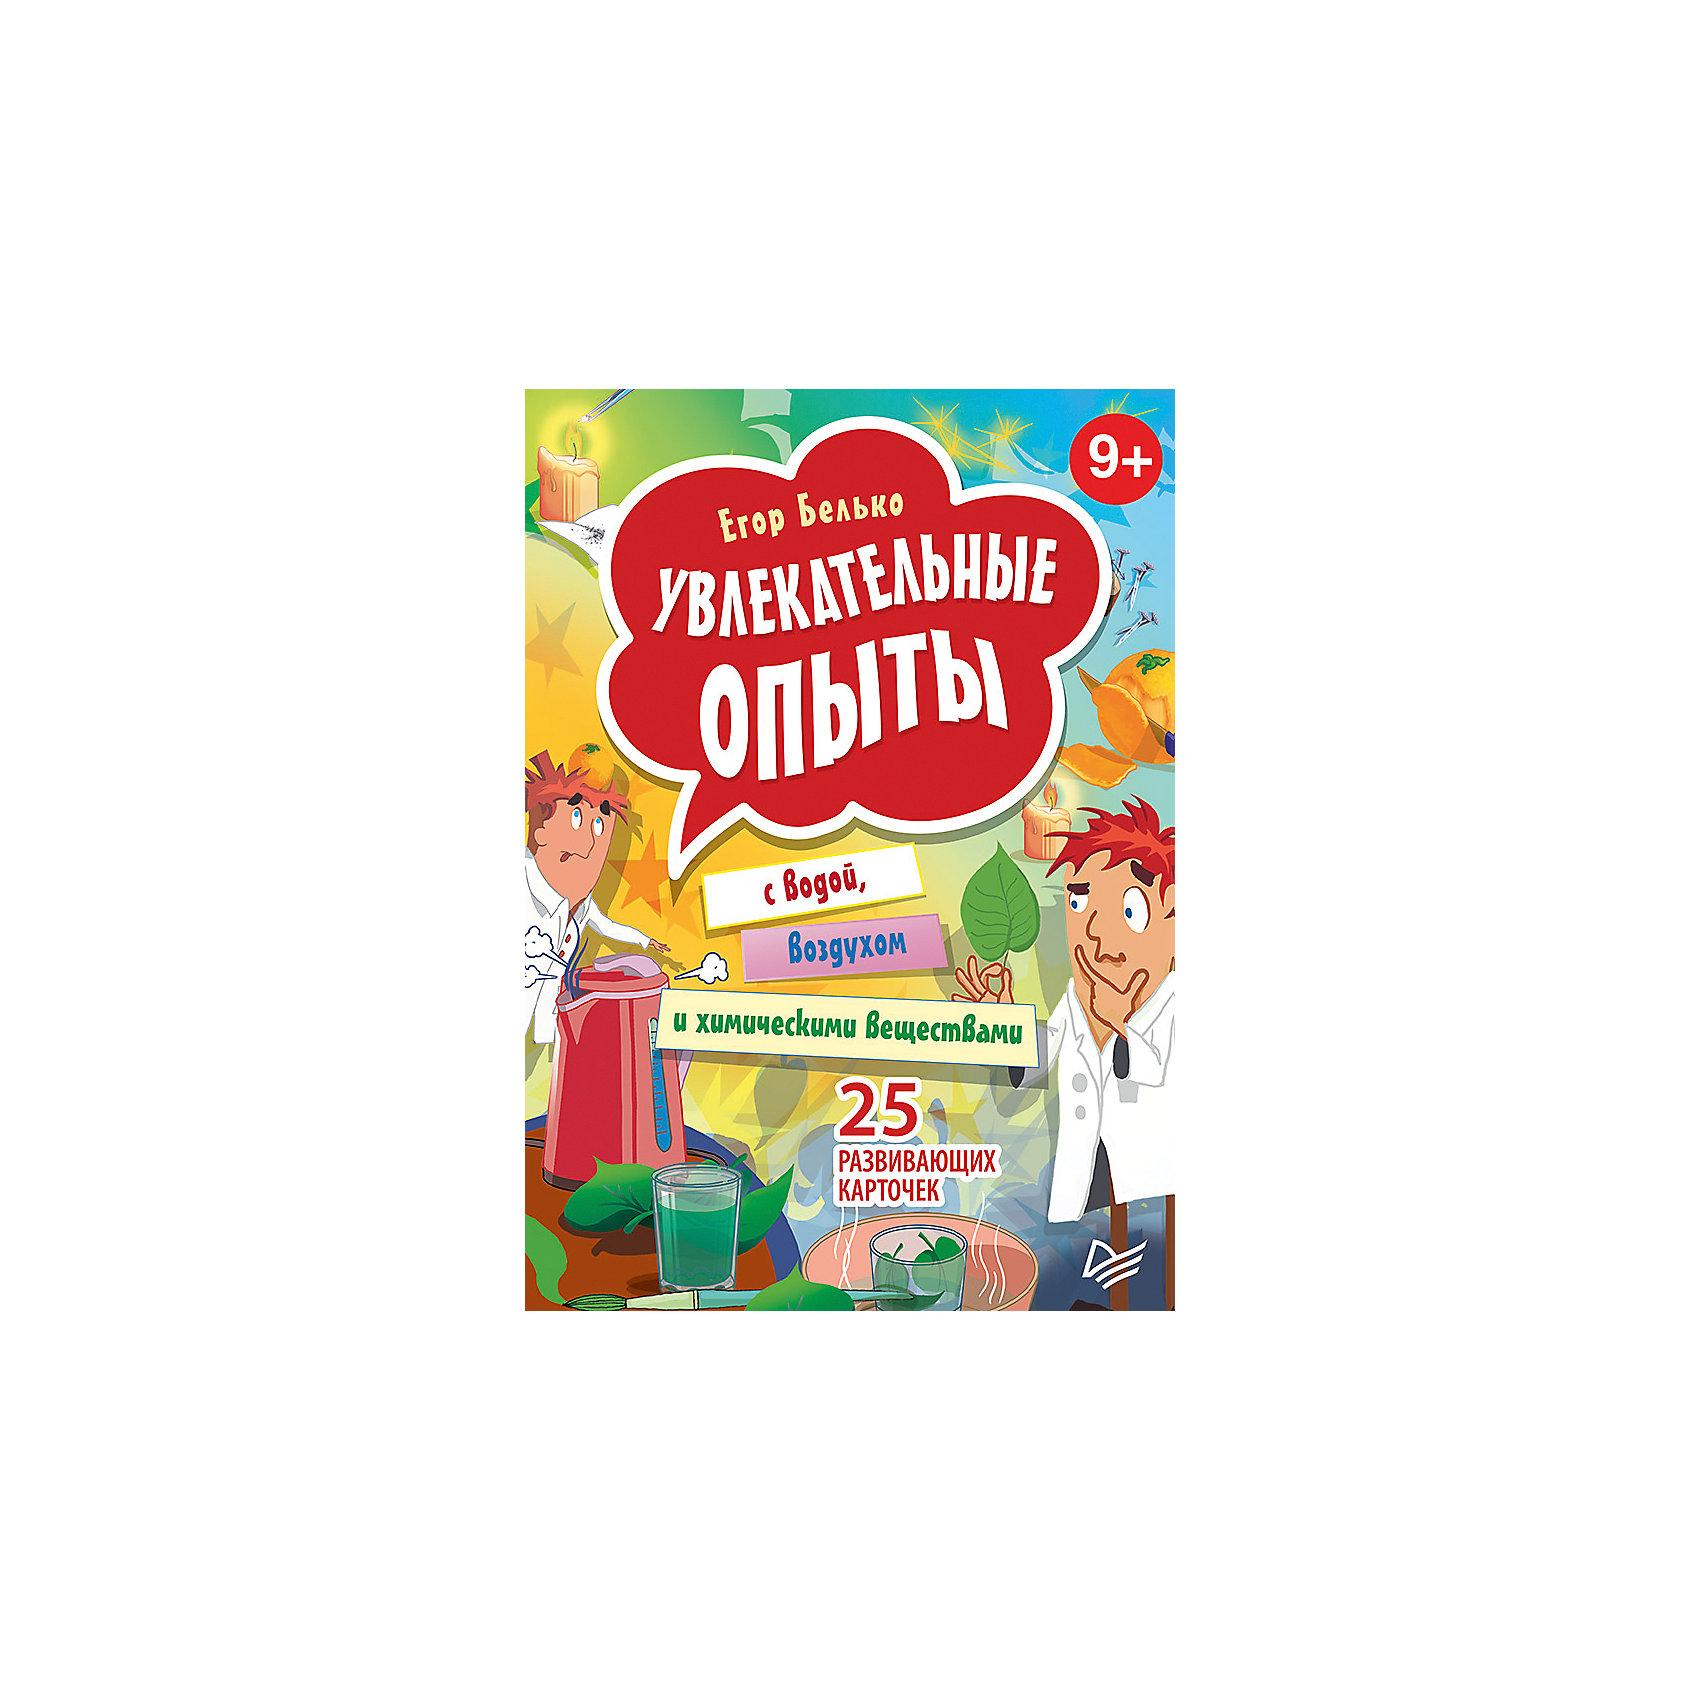 Увлекательные опыты с водой, воздухом и химическими веществами (25 развивающих карточек)Карточные игры<br>Характеристики товара:<br><br>• материал: картон<br>• размер: 20х14х1 см<br>• вес: 100 г<br>• страниц: 25<br>• цветные иллюстрации<br>• для младших школьников и дошкольников<br>• страна бренда: РФ<br>• страна изготовитель: РФ<br><br>Такой набор карточек сделает учебу легче и интереснее! В одном издании собраны самые легкие и интересные опыты, для которых подойдут подручные материалы. Комплект карточек будет полезен учащимся в школе, а также собирающимся туда идти.<br>Издание выпущено в удобном формате, с яркими иллюстрациями. Хорошее качество печати. Изделие производится из качественных и проверенных материалов, которые безопасны для детей.<br><br>Издание Увлекательные опыты с водой, воздухом и химическими веществами (25 развивающих карточек) можно купить в нашем интернет-магазине.<br><br>Ширина мм: 205<br>Глубина мм: 141<br>Высота мм: 1<br>Вес г: 100<br>Возраст от месяцев: 72<br>Возраст до месяцев: 120<br>Пол: Унисекс<br>Возраст: Детский<br>SKU: 5101004